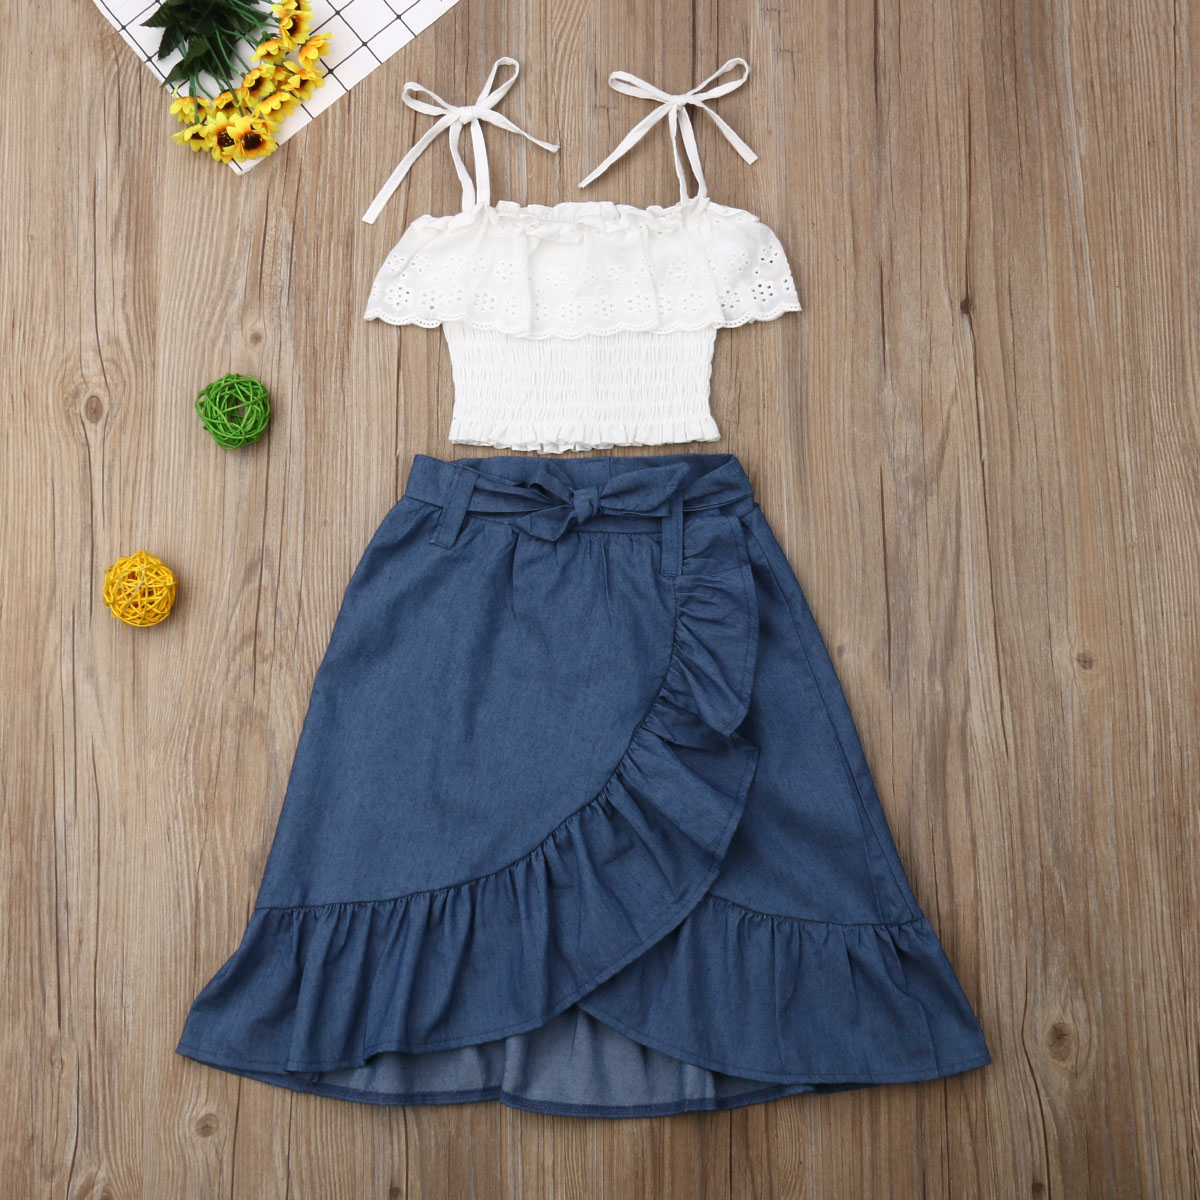 Pudcoco lo más nuevo bebé niña ropa de hombro de encaje Sling Tops Denim volantes falda 2 piezas trajes ropa de verano